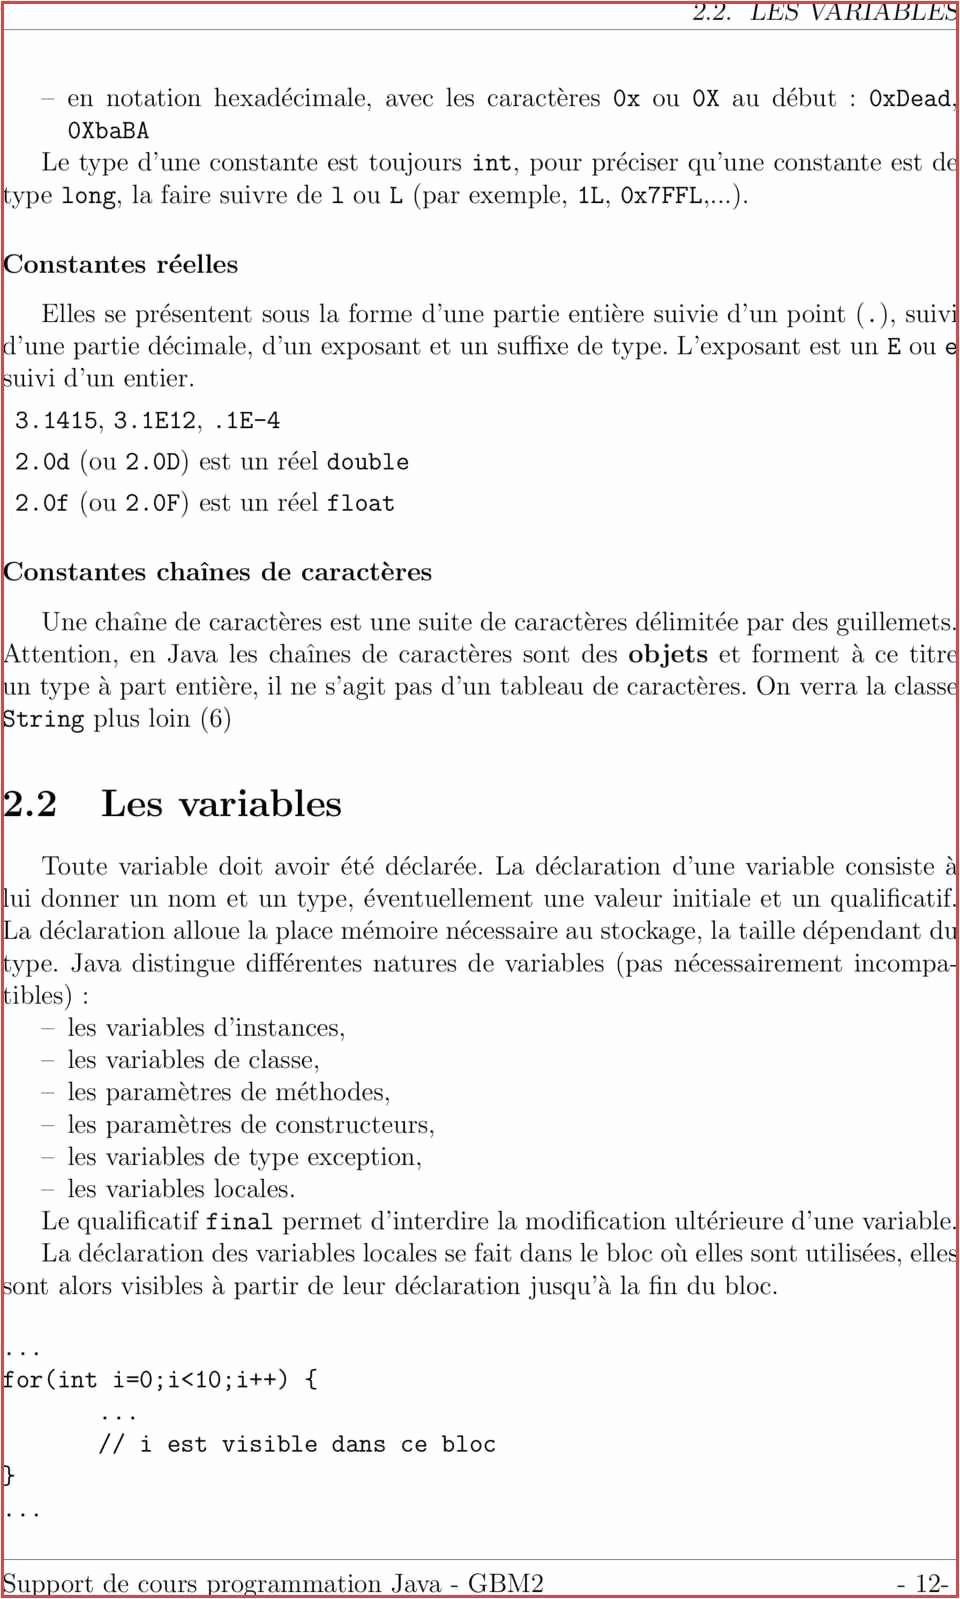 lettre de motivation formation and formation cuisine nouveau la cuisine de l enfer bild von marafa of lettre de motivation formation amp